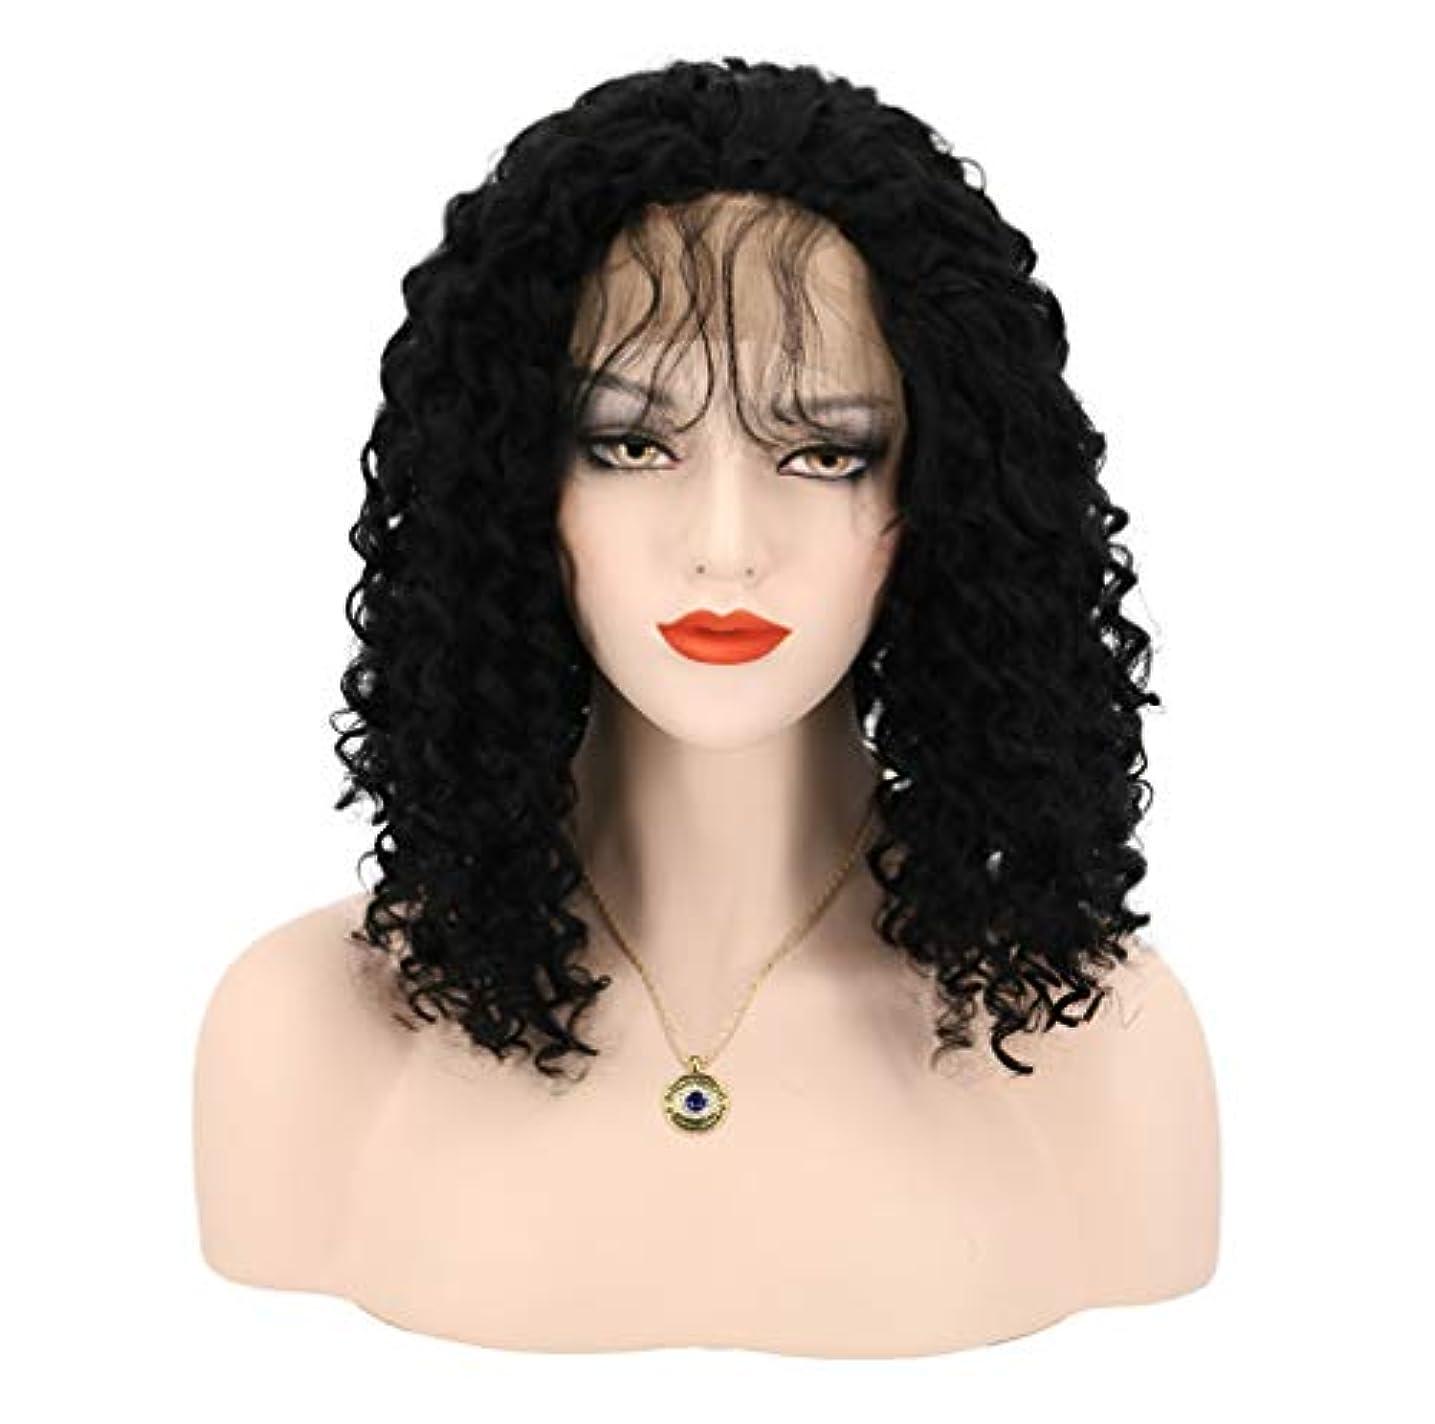 真鍮調子接辞女性かつらレースフロントかつら波状ショートボブかつら150%密度黒髪かつら18インチ